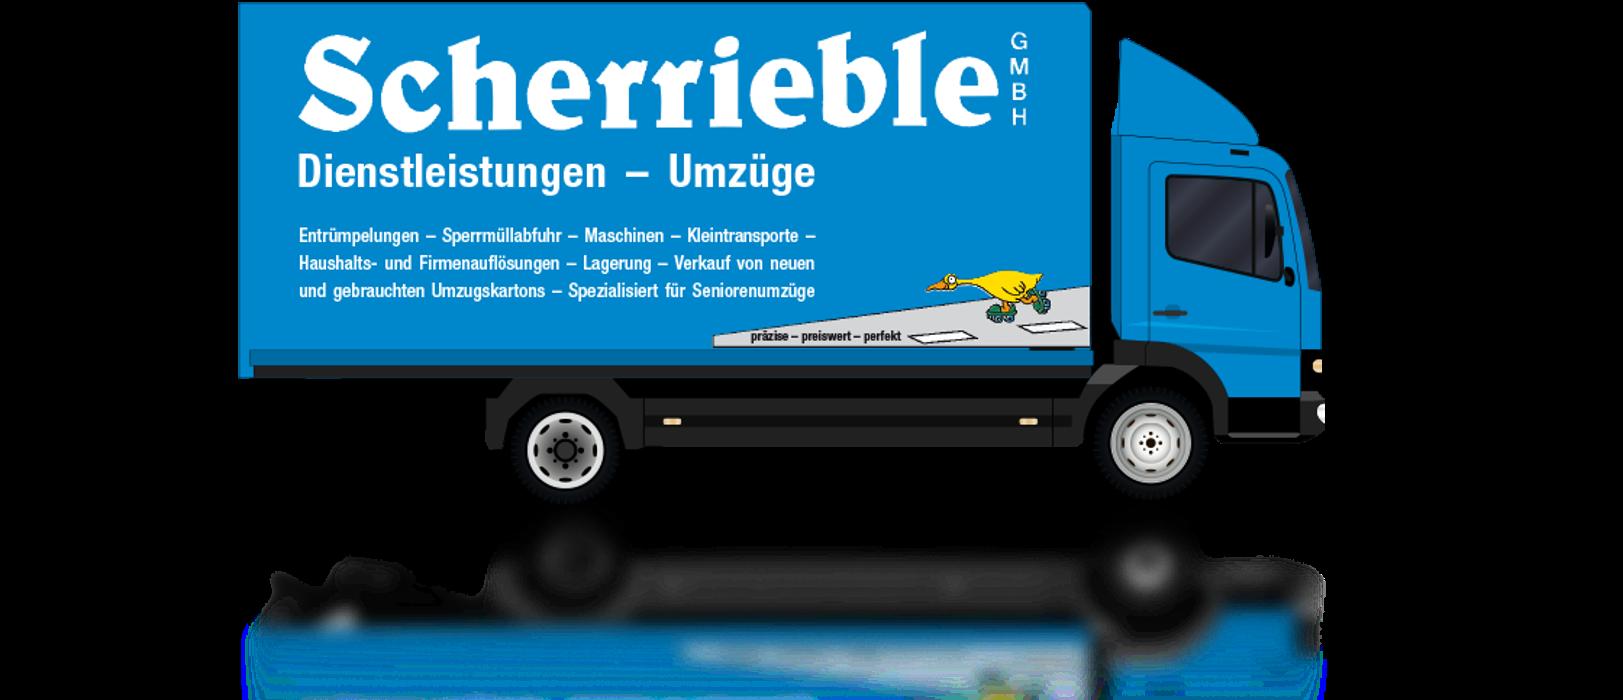 Bild zu Michael Scherrieble GmbH in Pforzheim